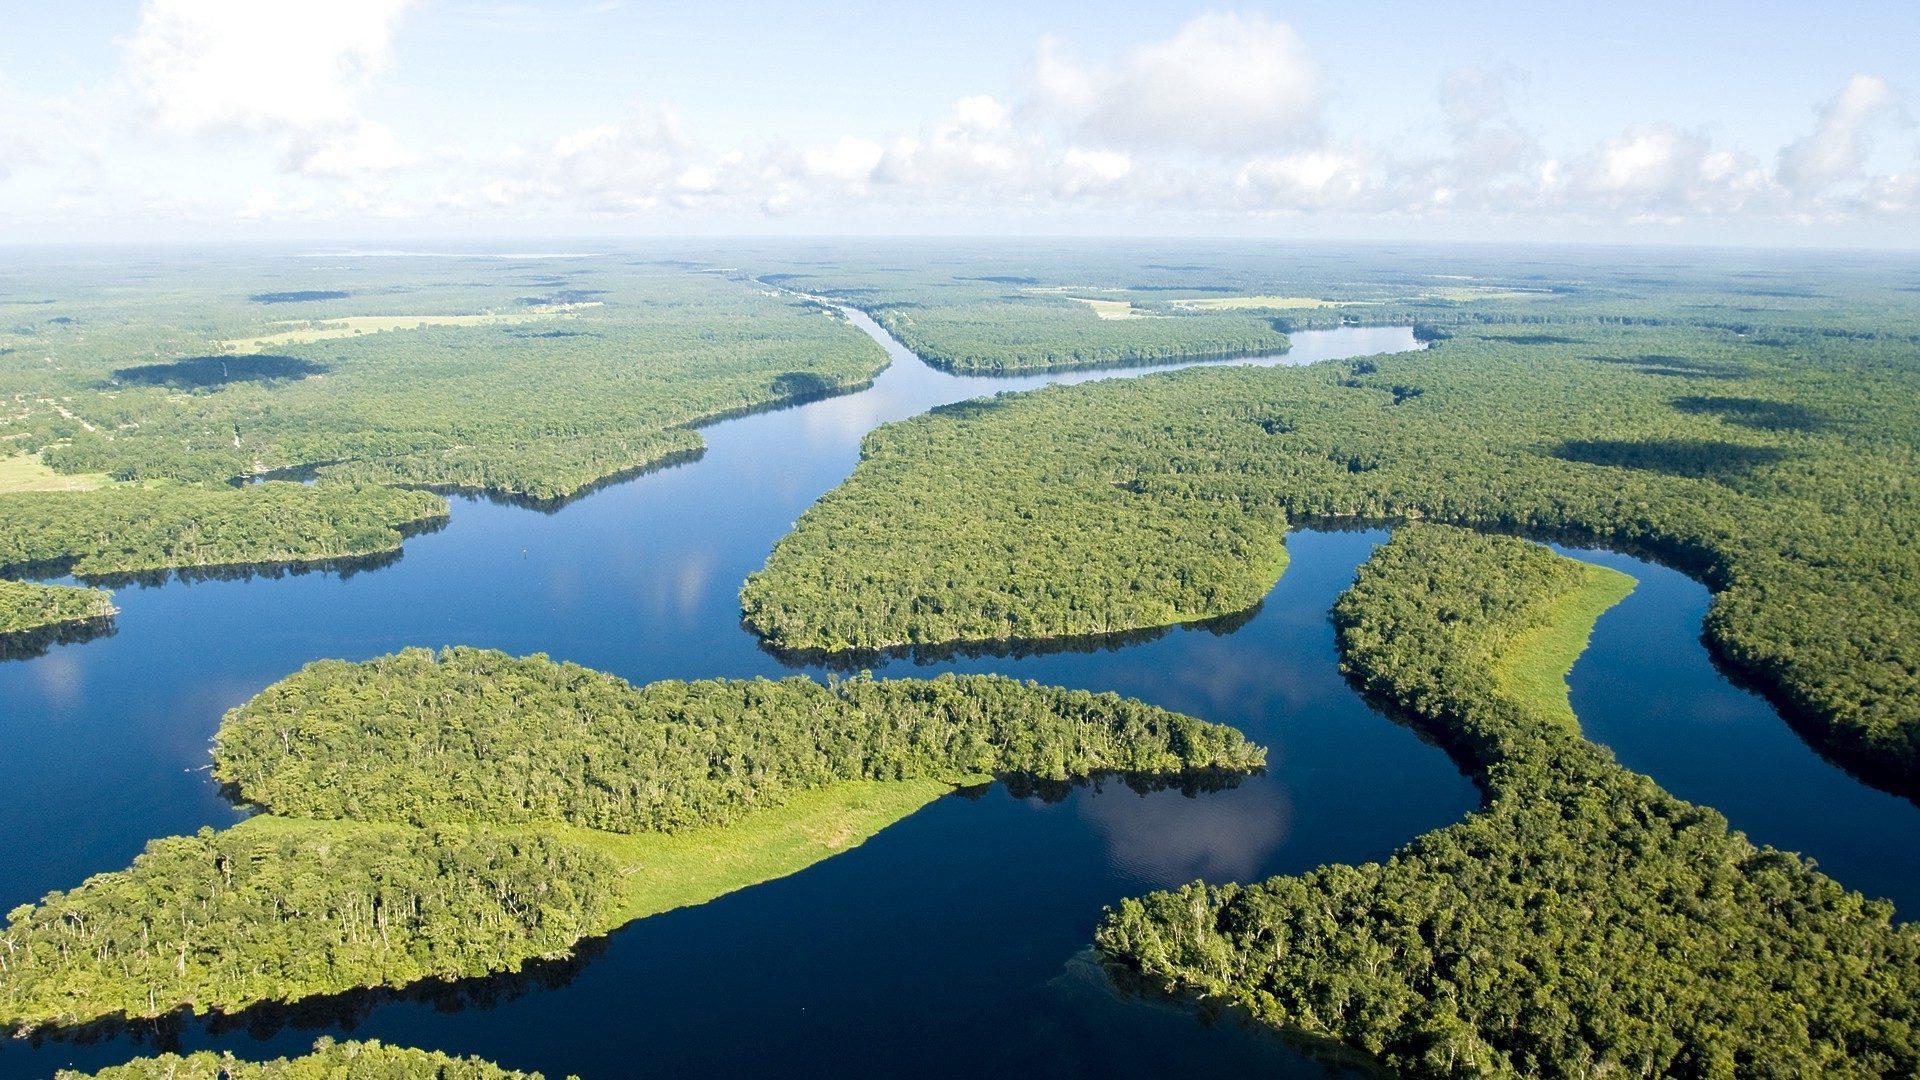 Путешествие по реке Амазонка на яхте Amatista